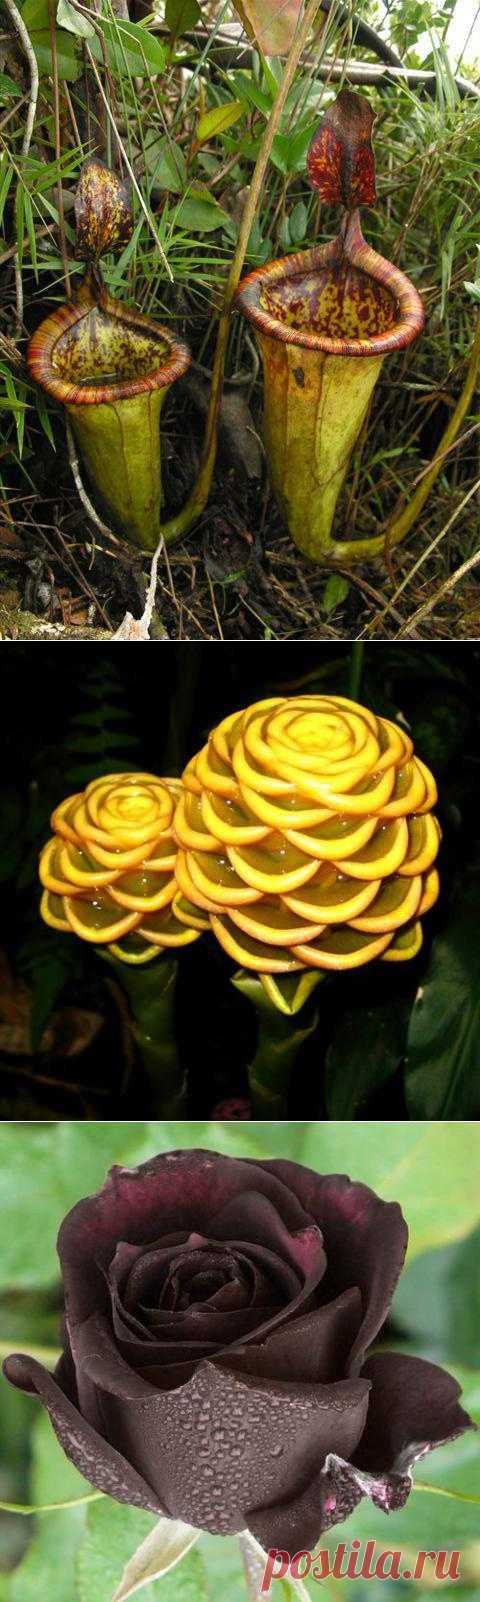 Самые необычные и редкие цветы.